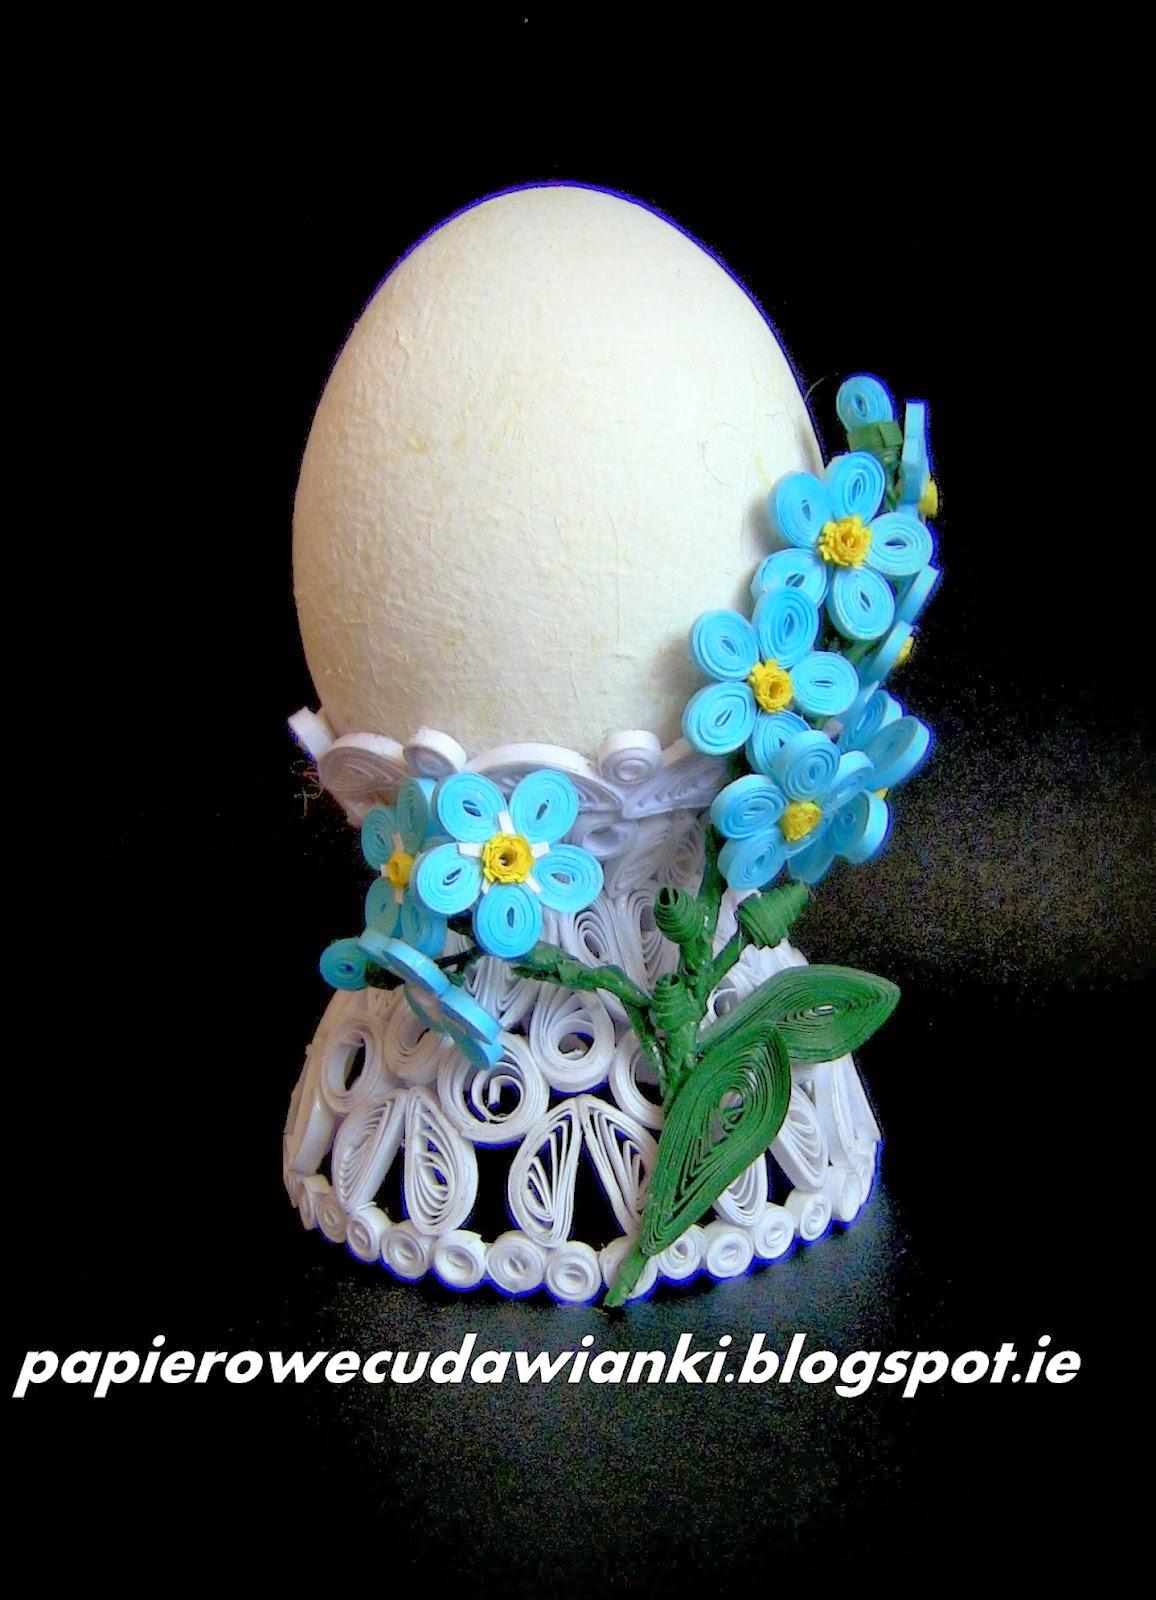 Kurs na quillingową podstawkę pod jajko